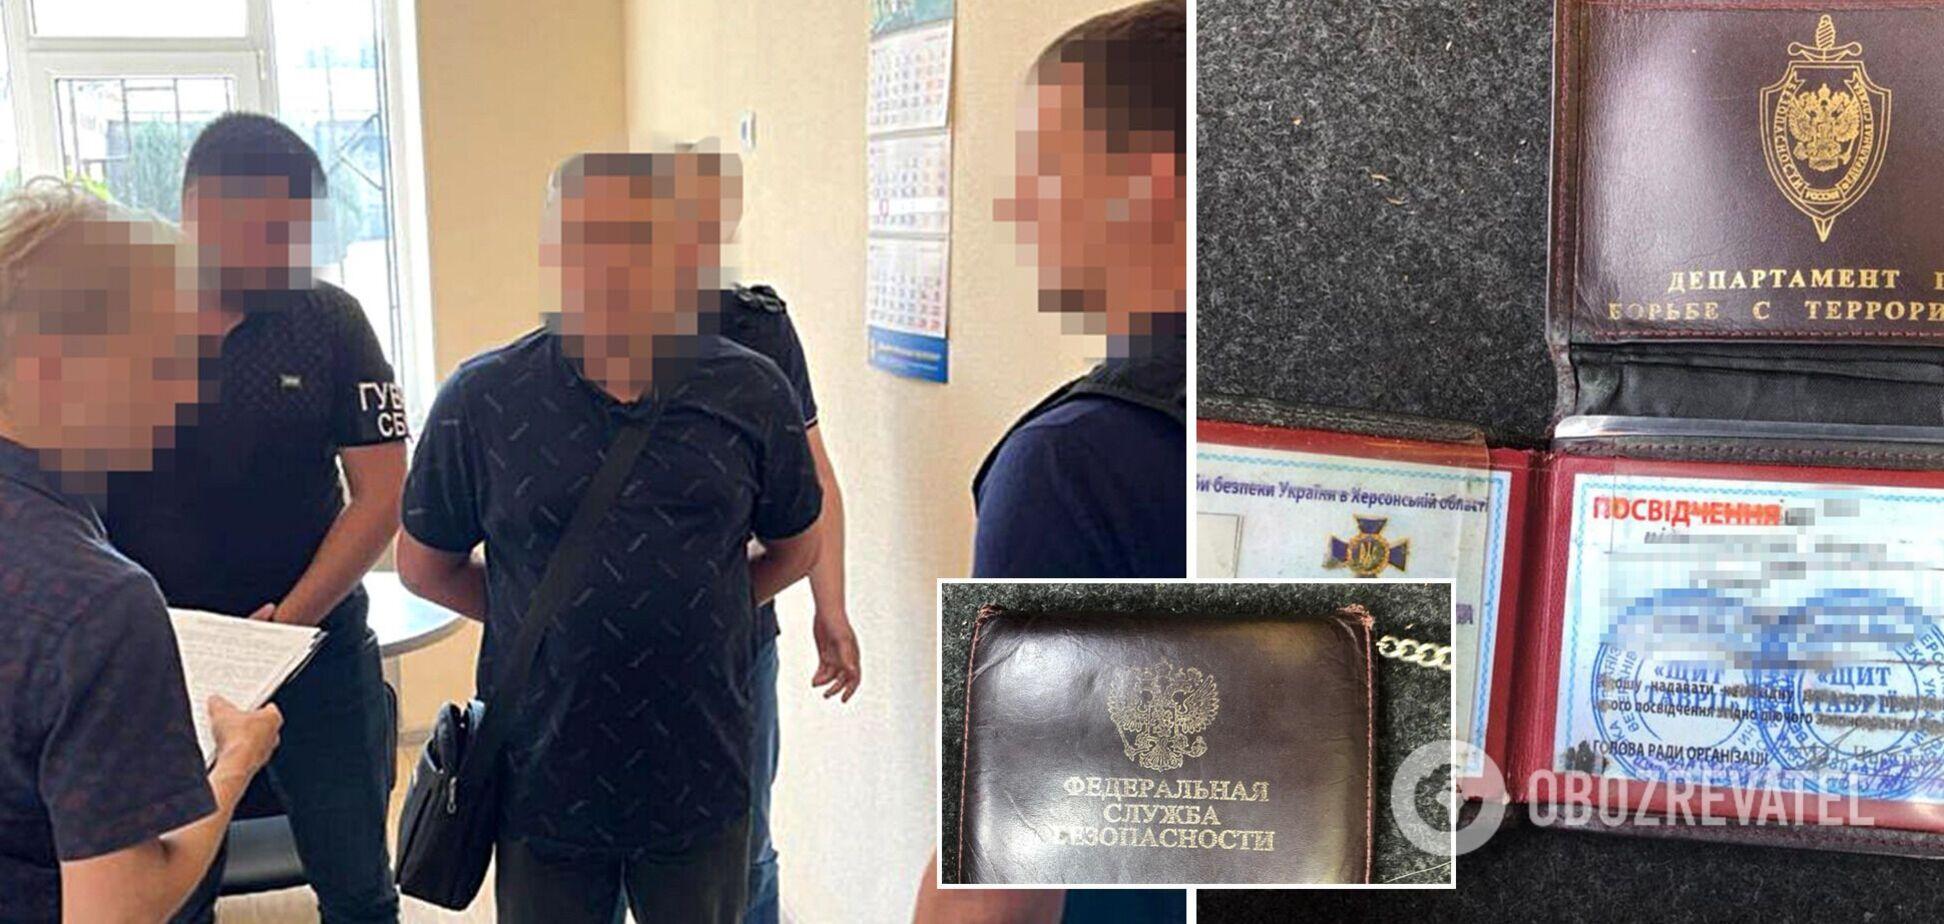 В Украине разоблачили агентурную сеть России: ее организовал экс-сотрудник СБУ. Фото